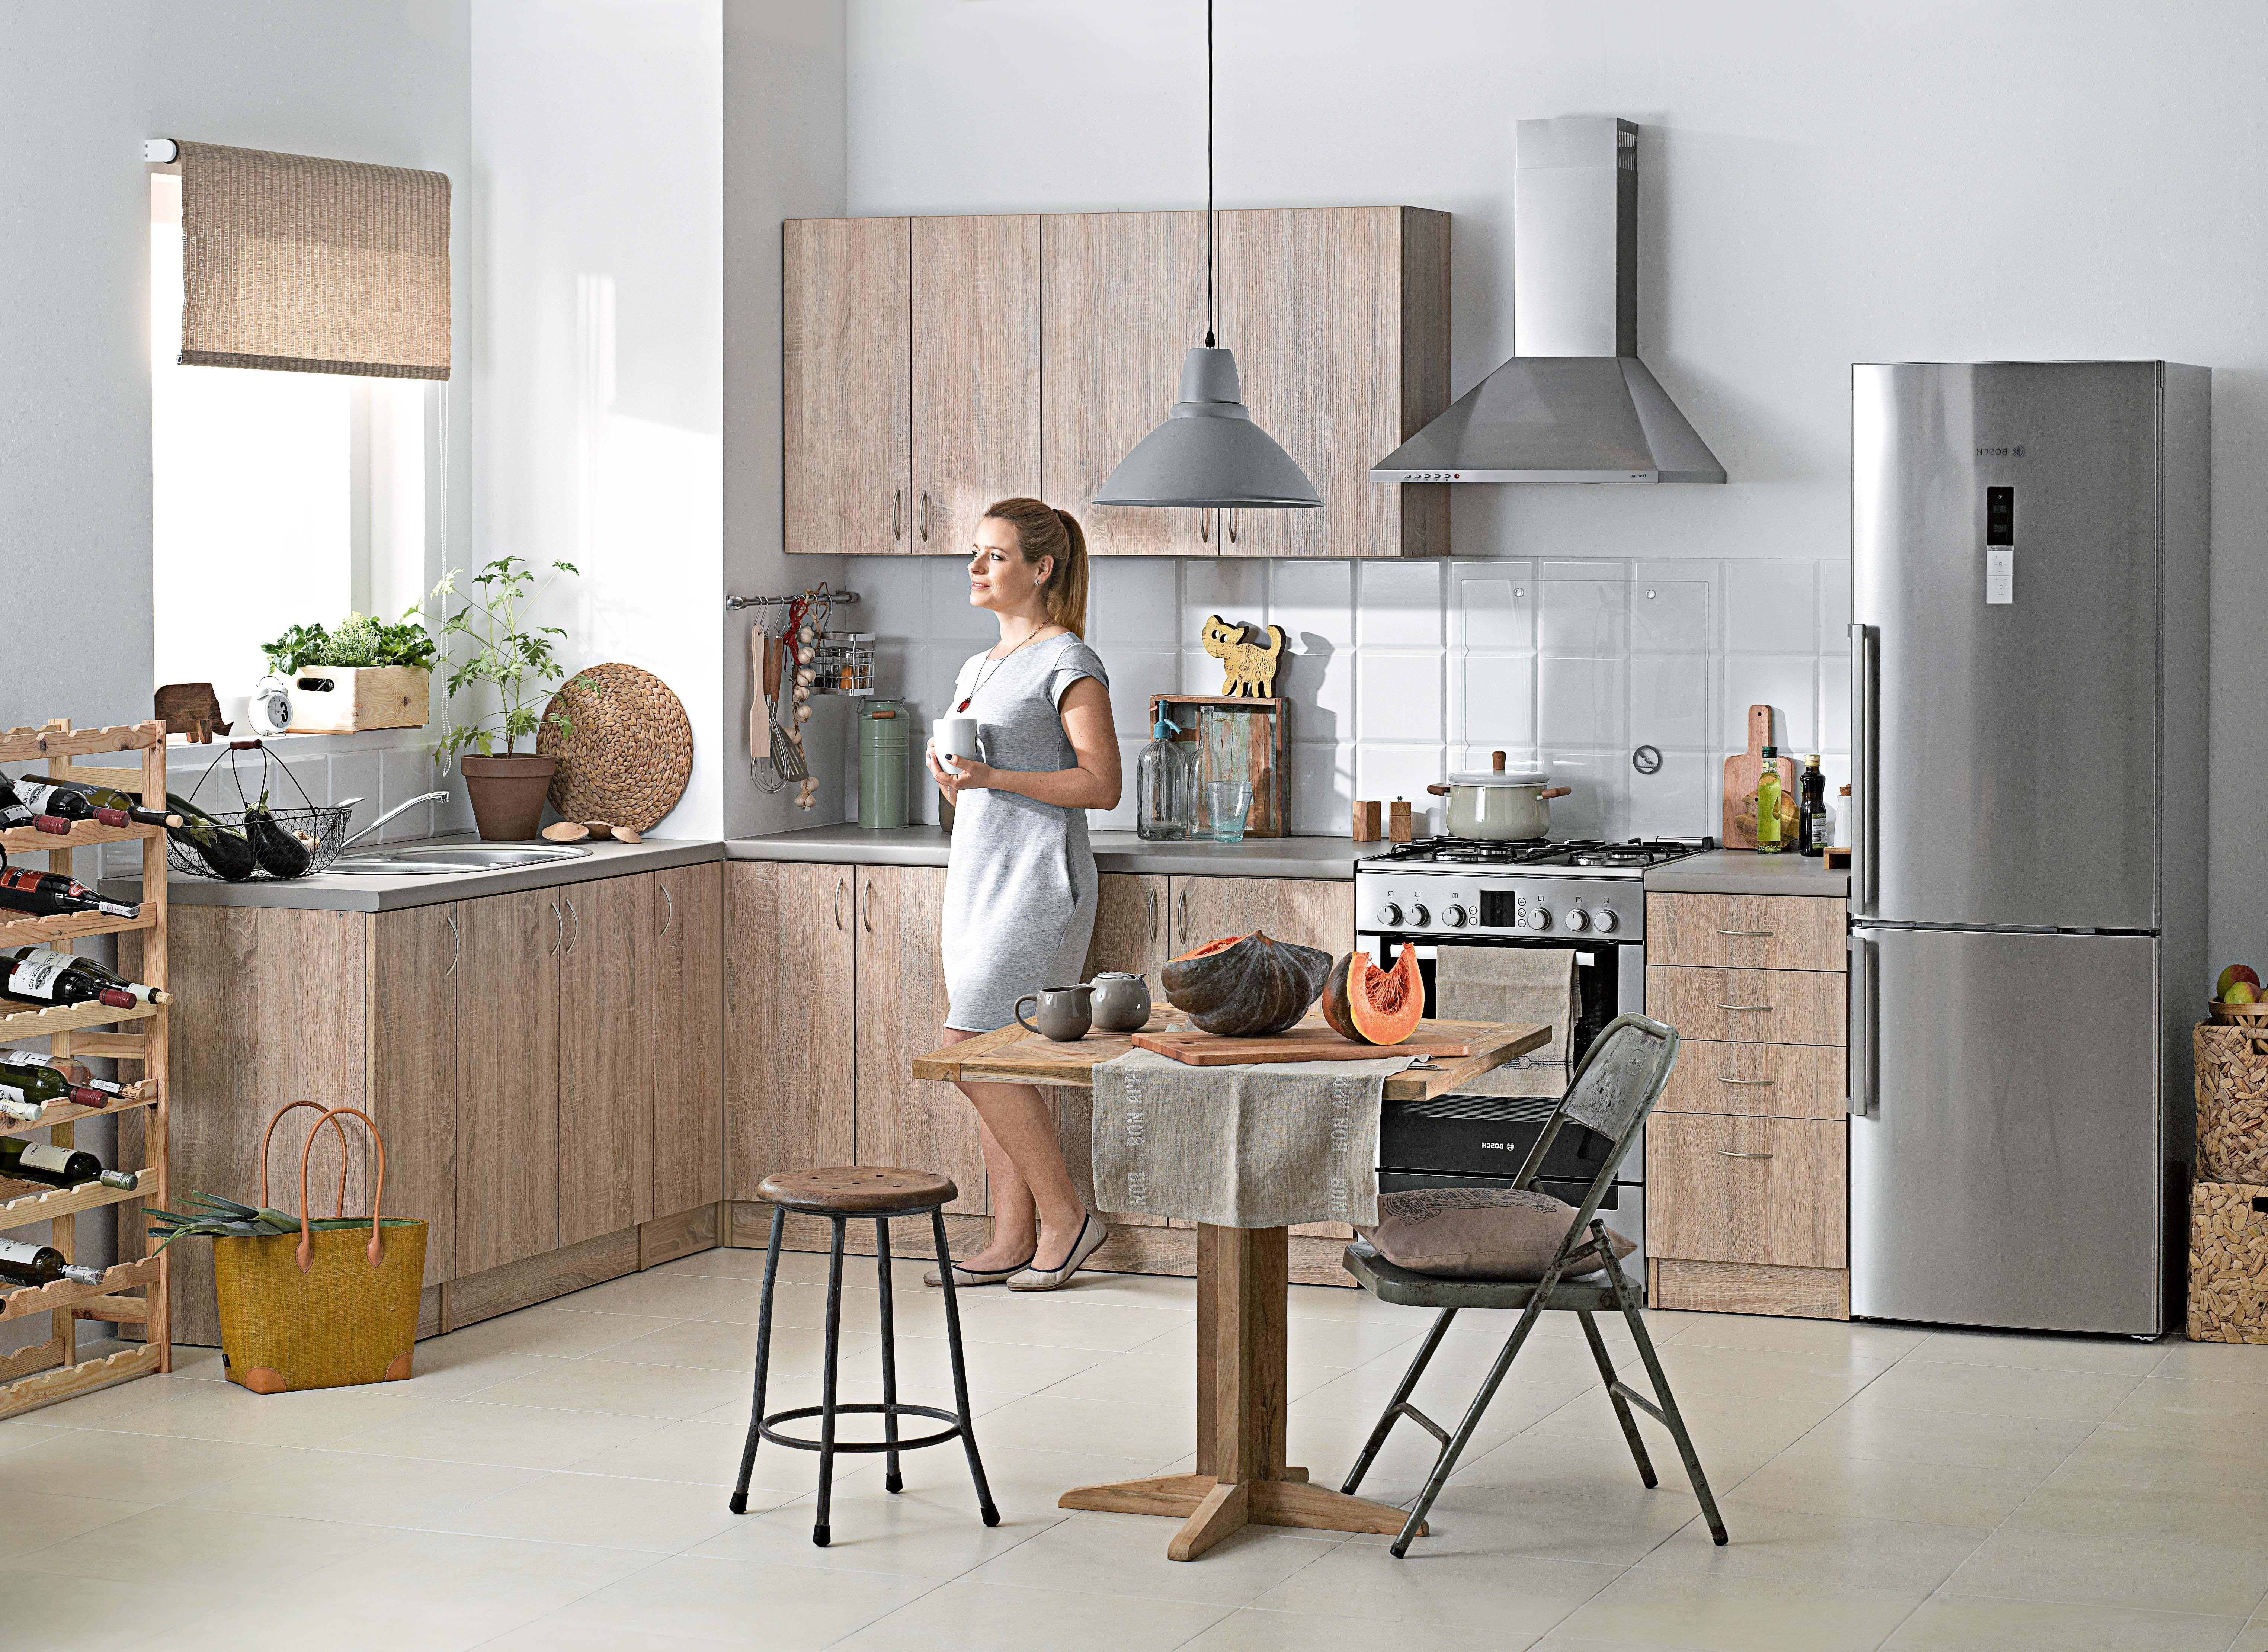 Katalog Kuchnie 2015 Kitchen Decor Apartment Kitchen Designs Layout Home Kitchens